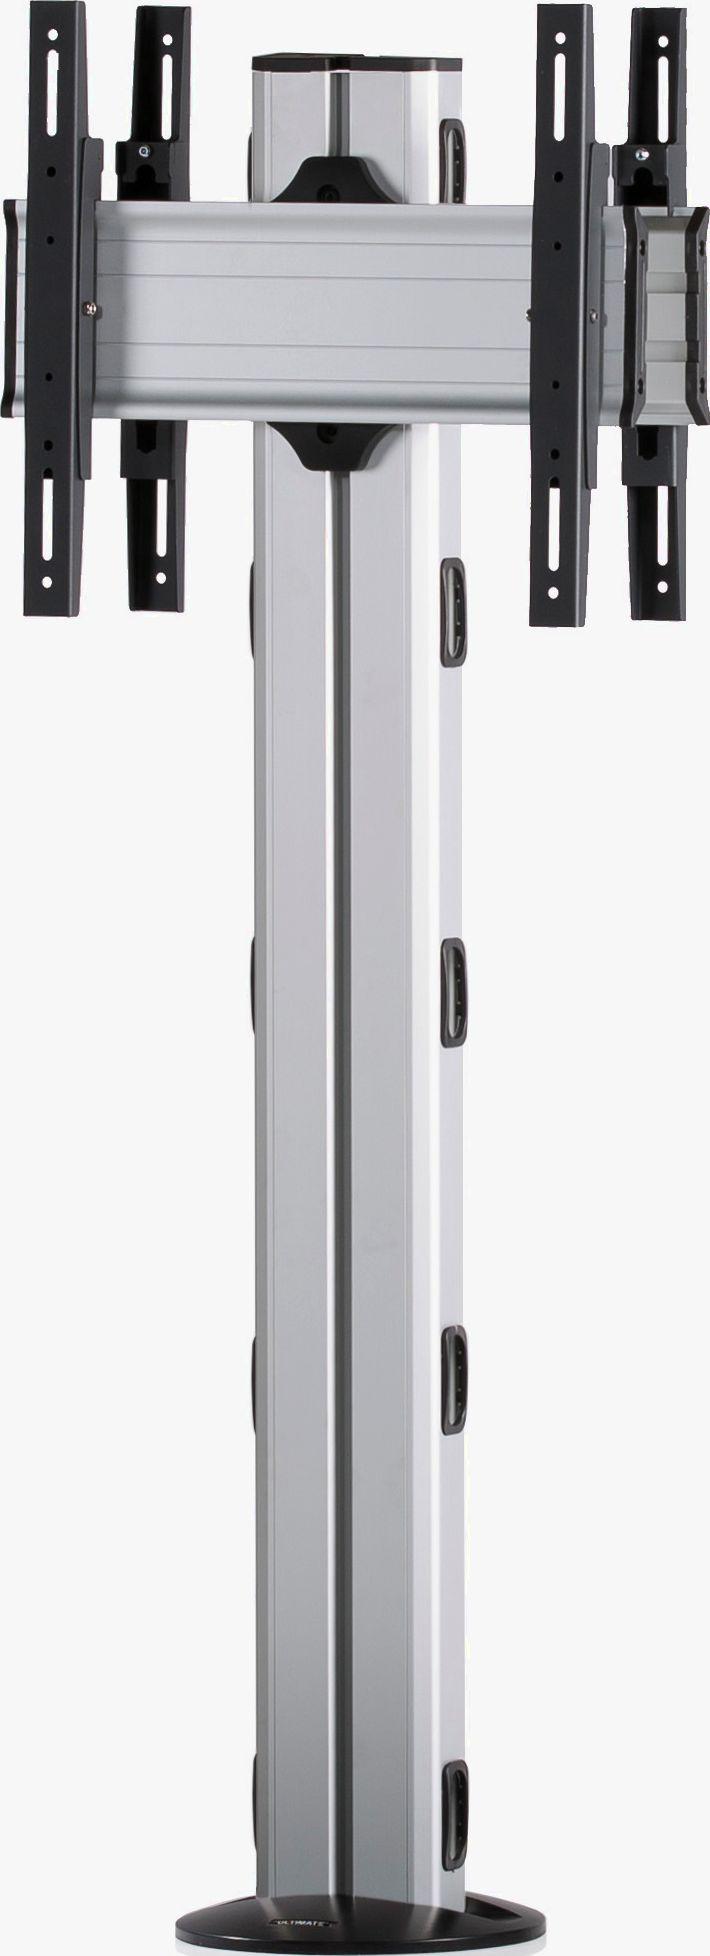 2 Displays 1×1 beidseitig, Höhe 135 cm, Standard-VESA, zur Bodenbefestigung